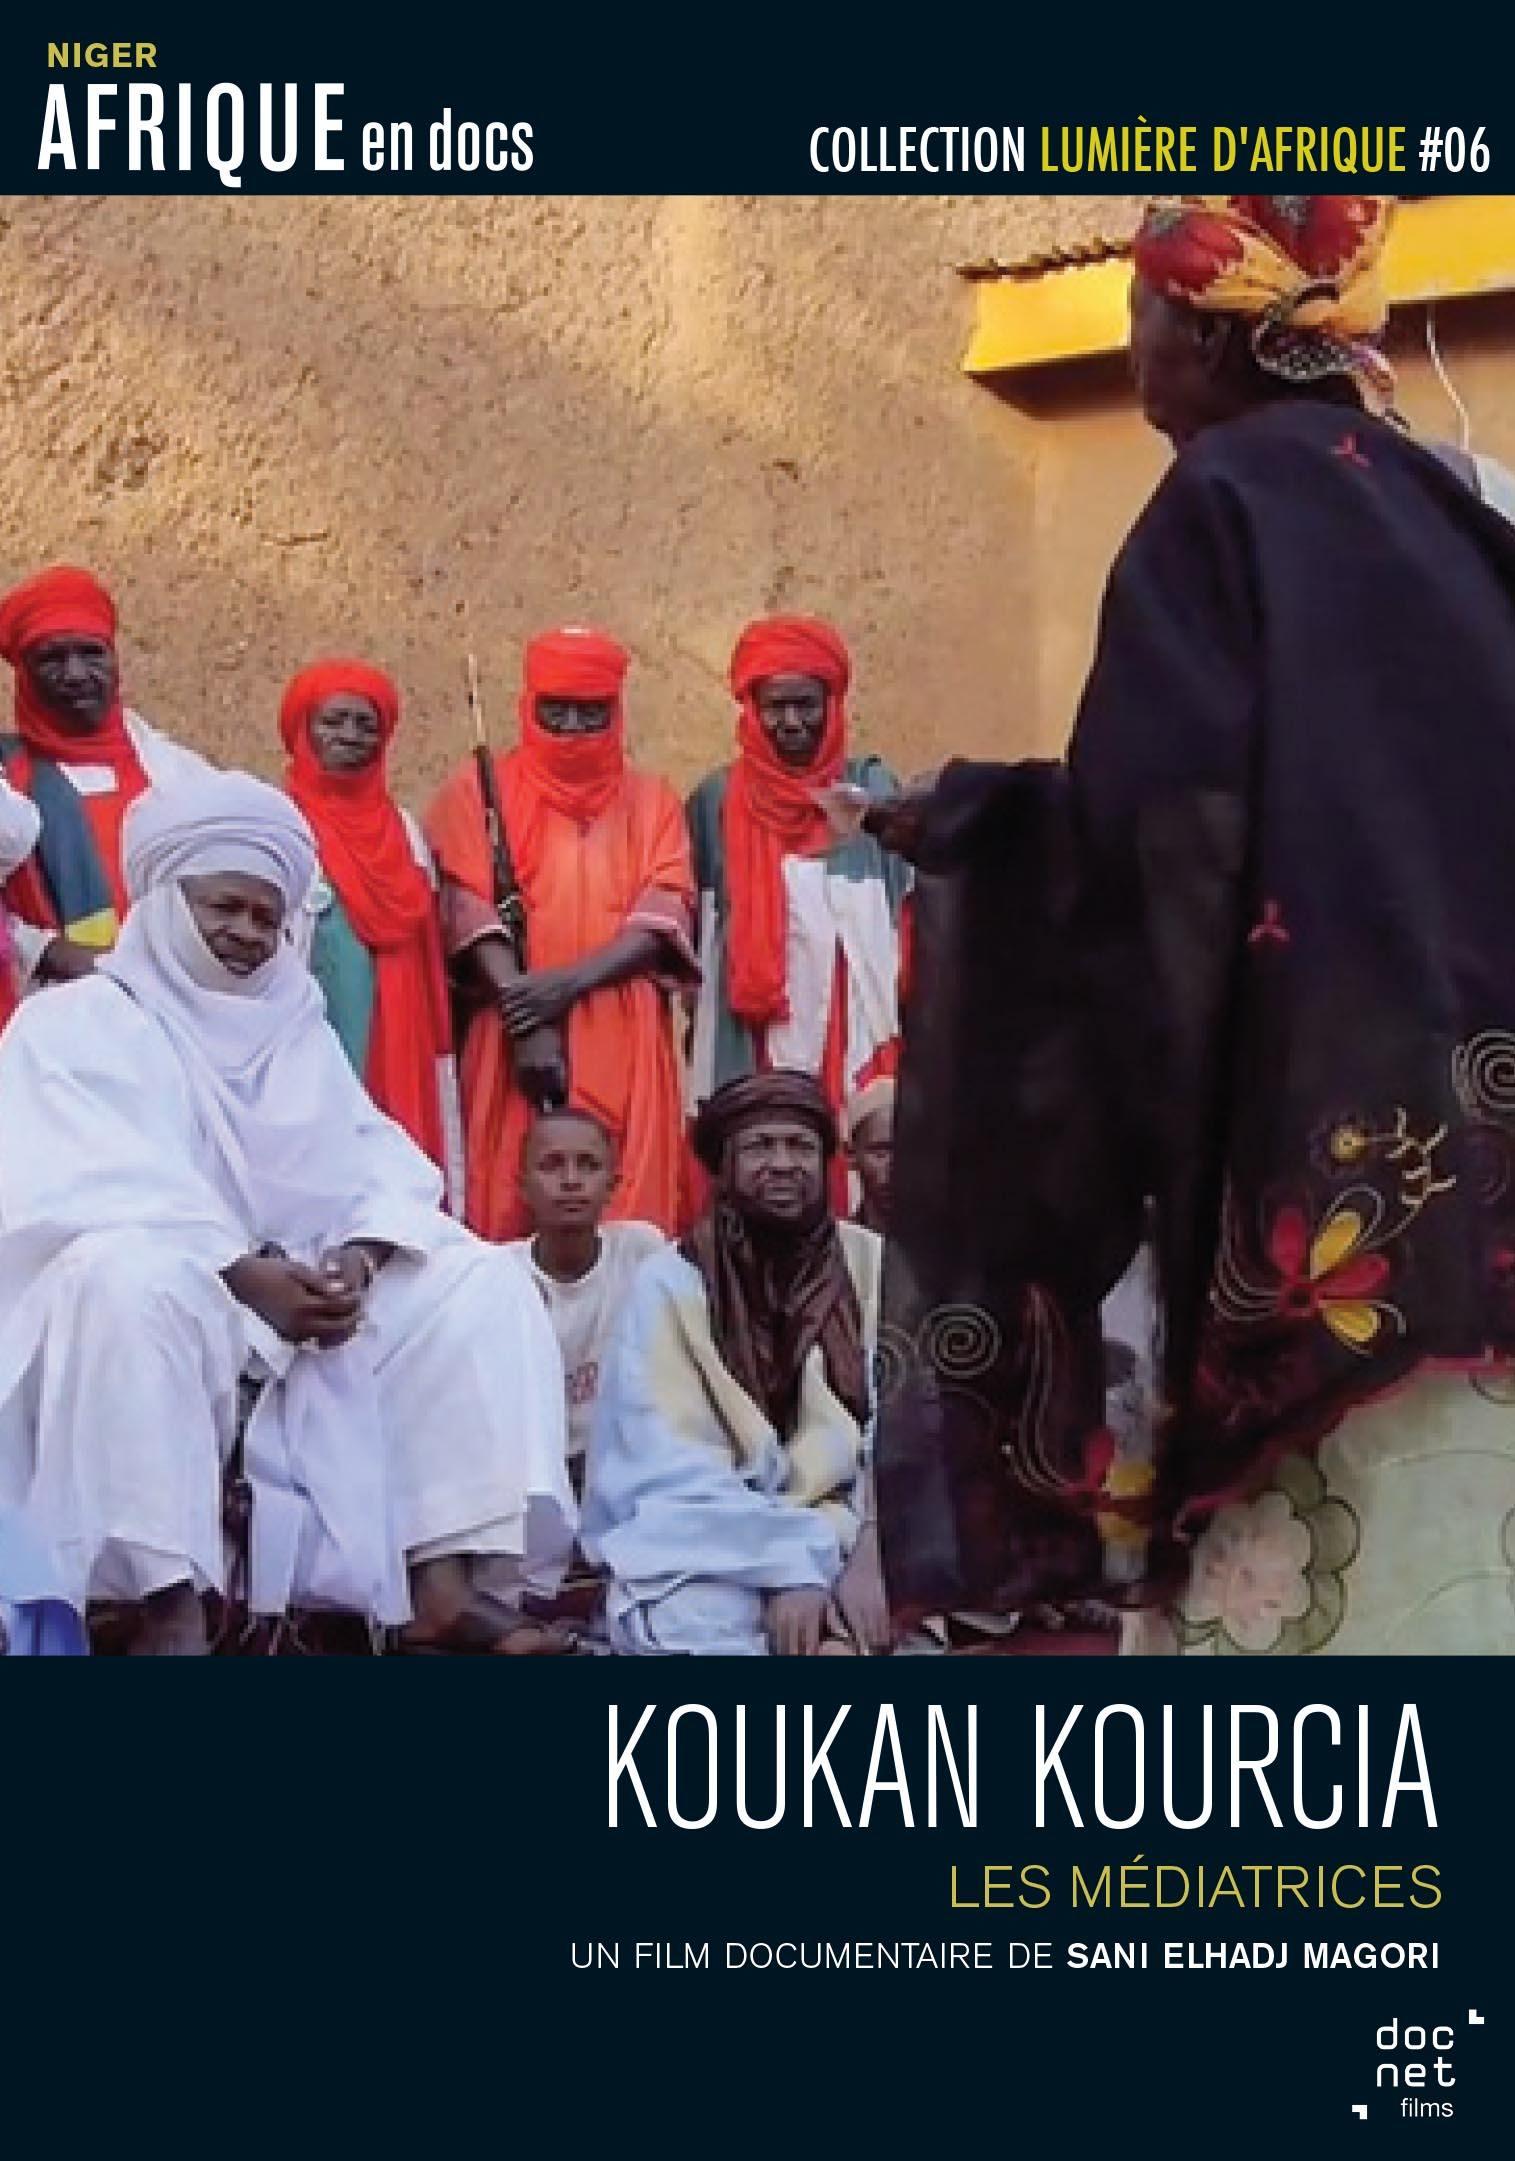 Koukan kourcia les mediatrices - dvd